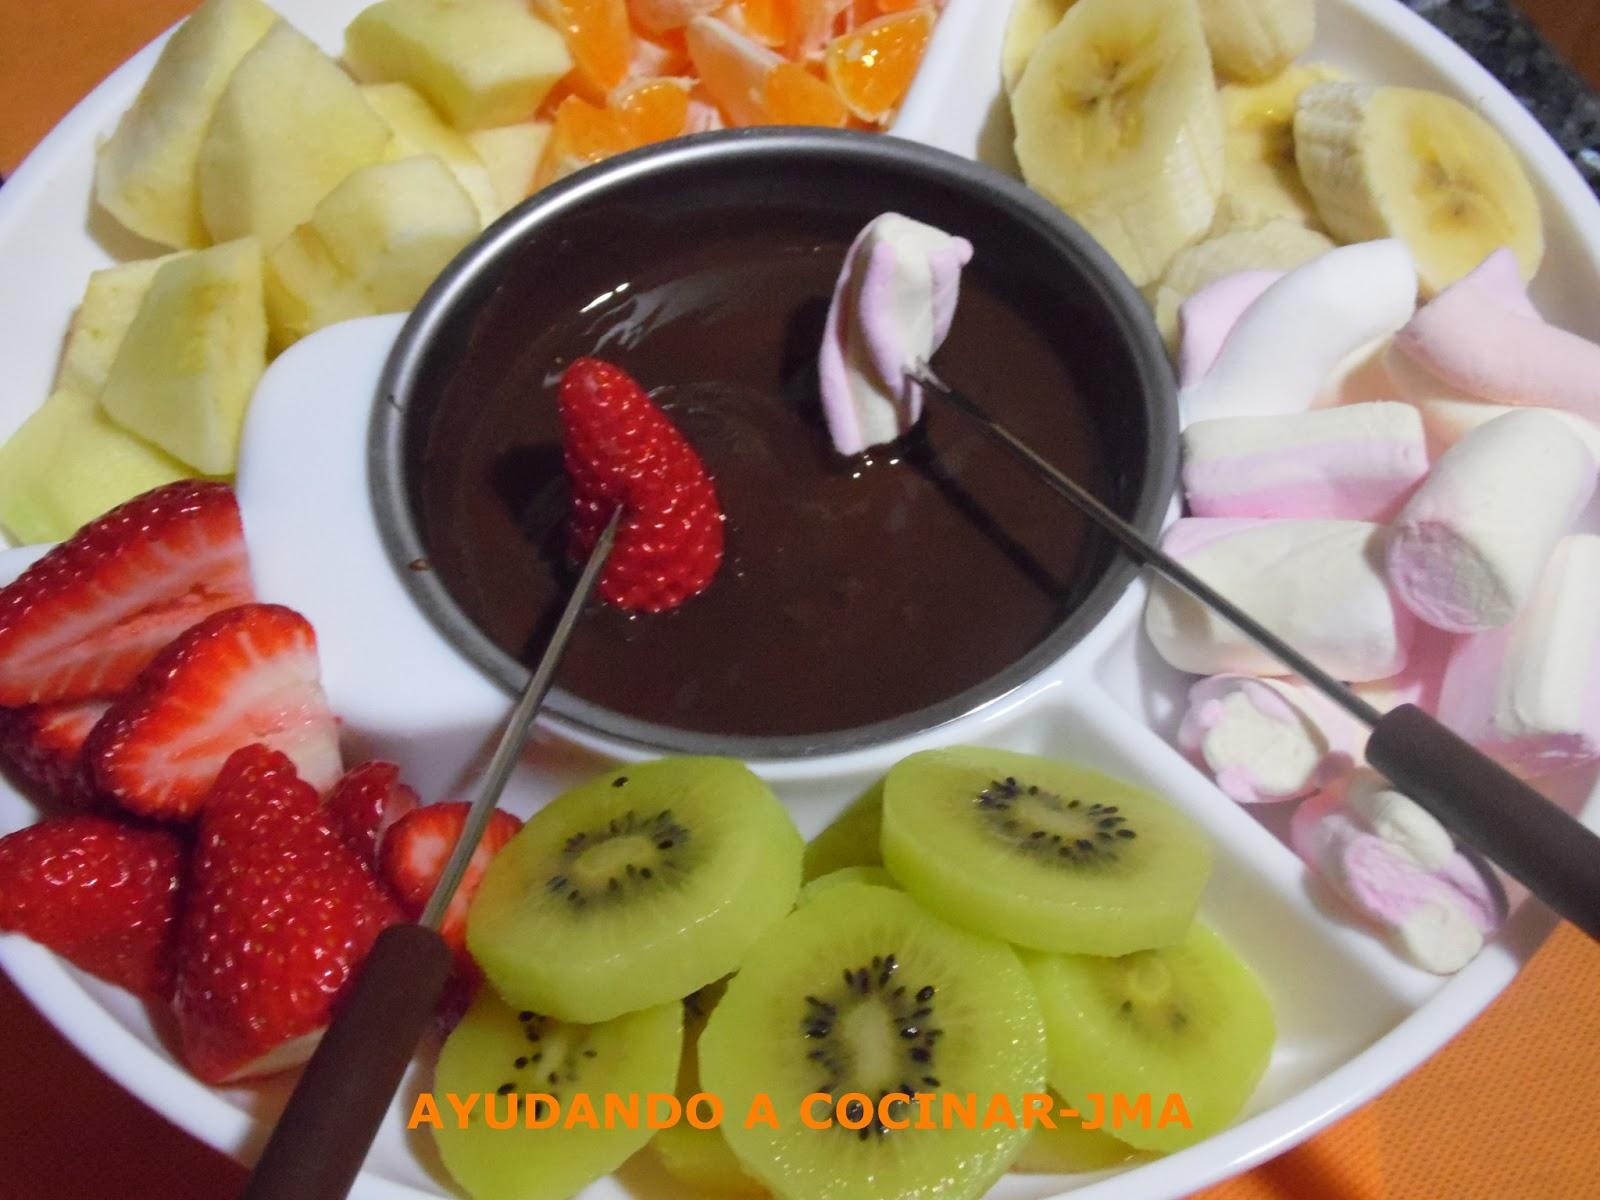 Ayudando a cocinar fondue de chocolate negro con frutas variadas